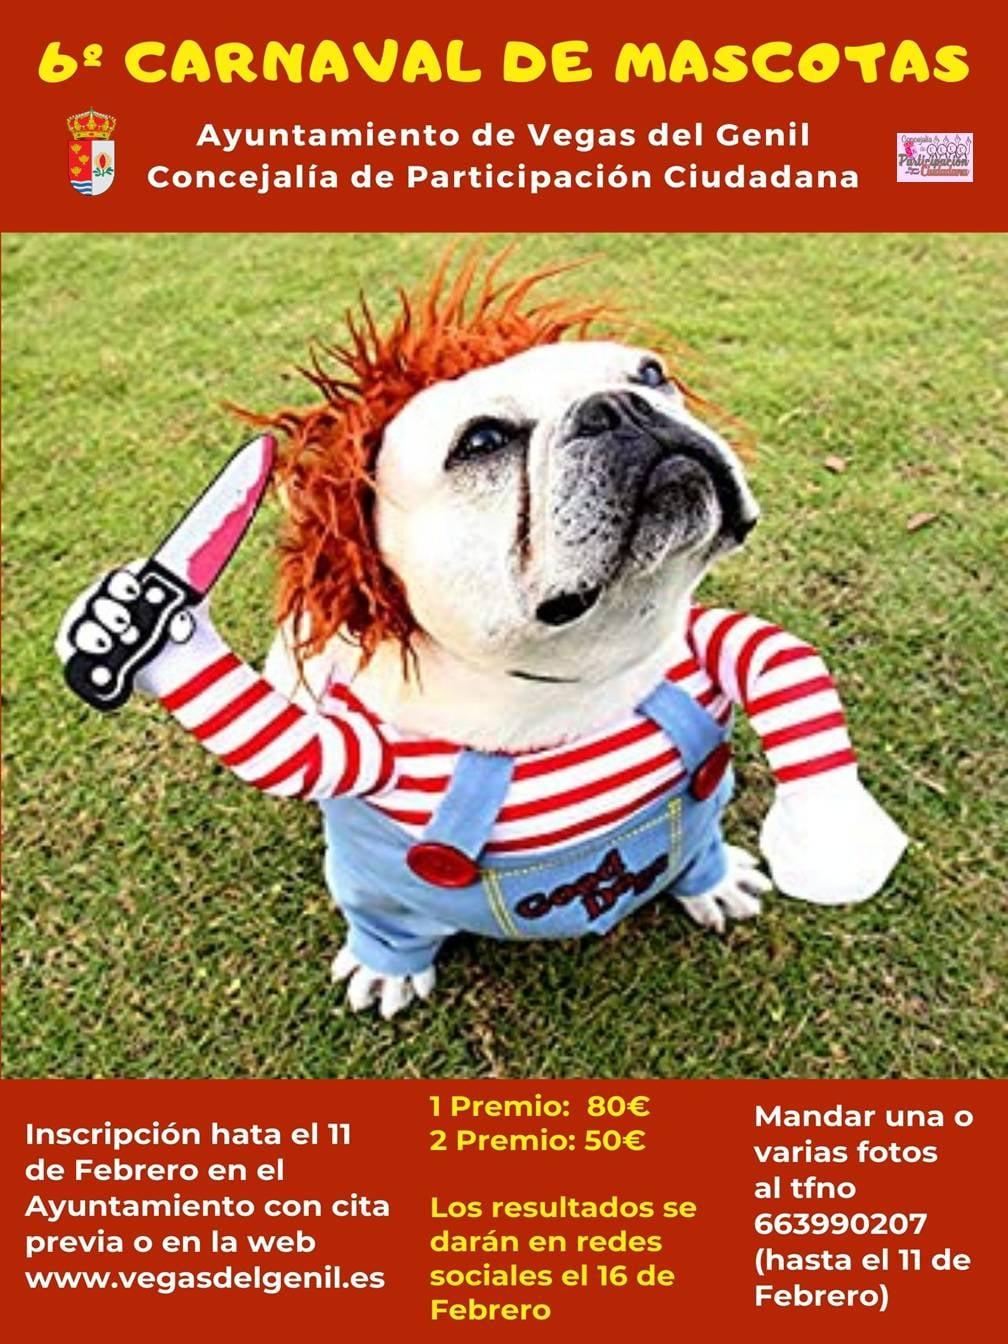 Vegas del Genil celebrará el Carnaval con un concurso virtual de disfraces para mascotas